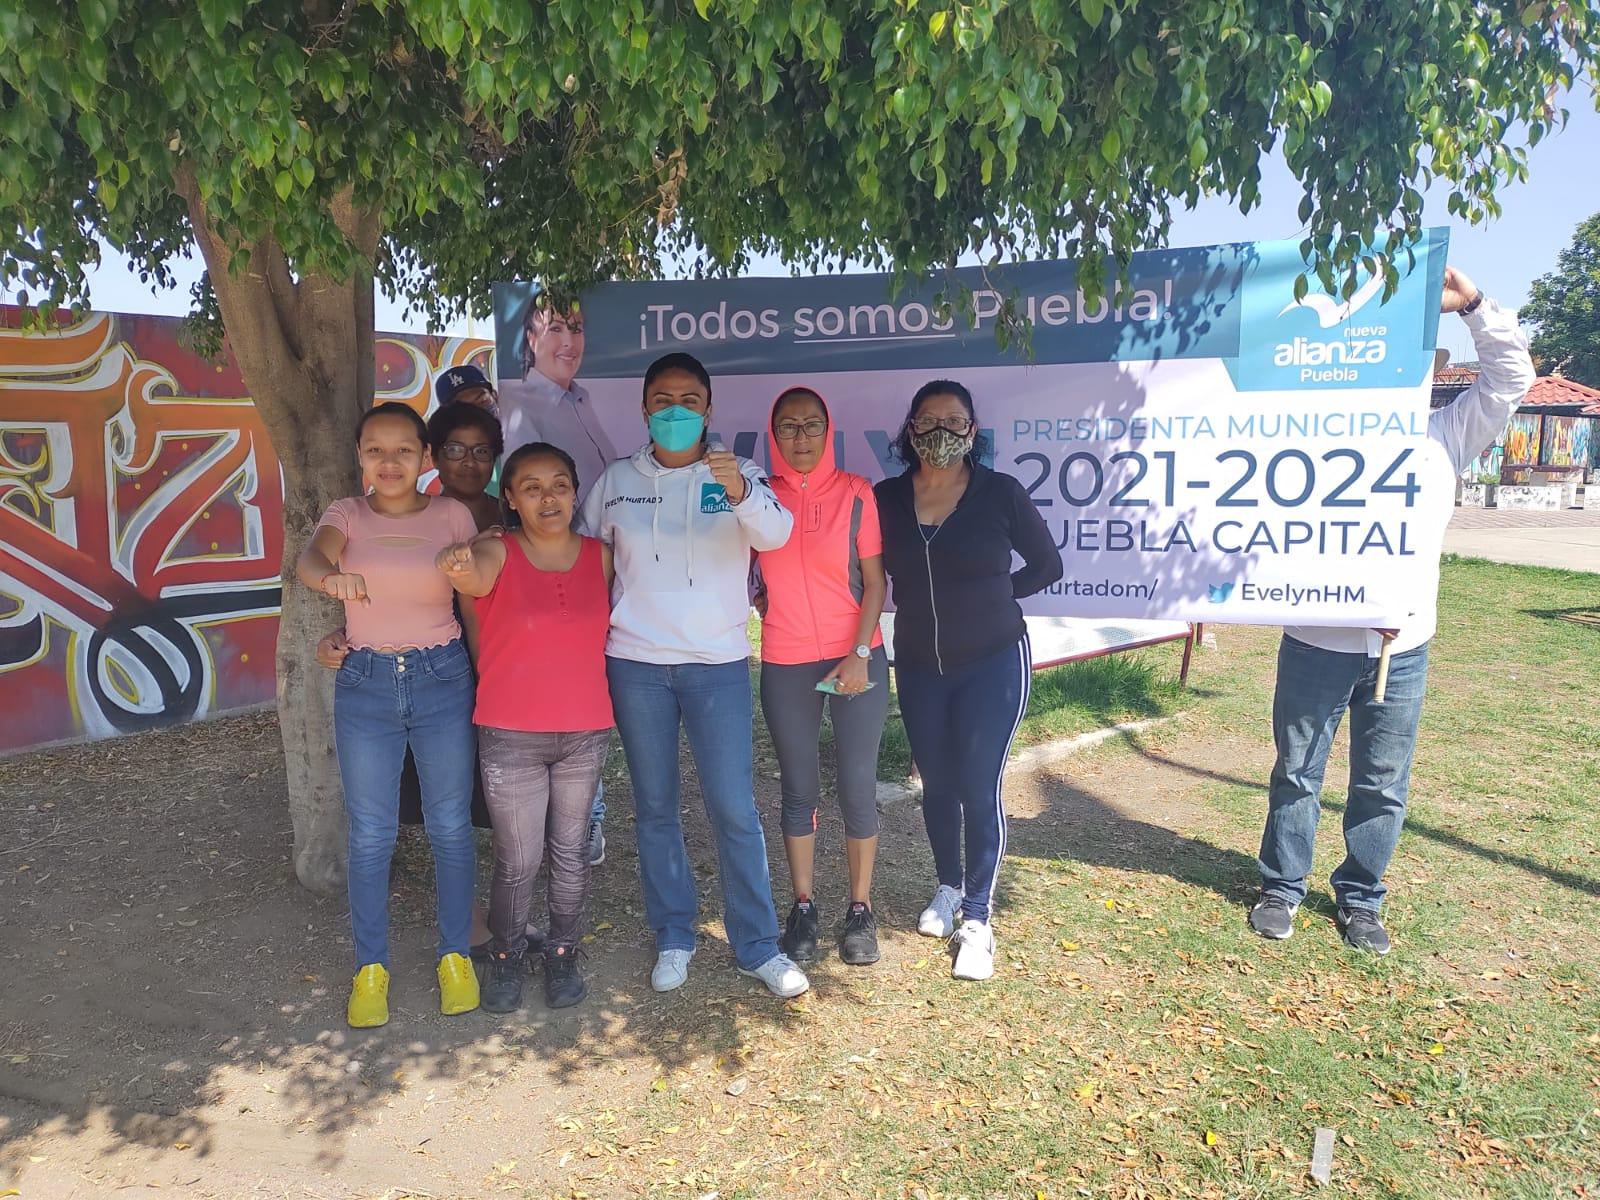 Evelyn Hurtado, candidata a la alcaldía de Puebla, recorre la ciudad evidenciado ayuntamientos pasados